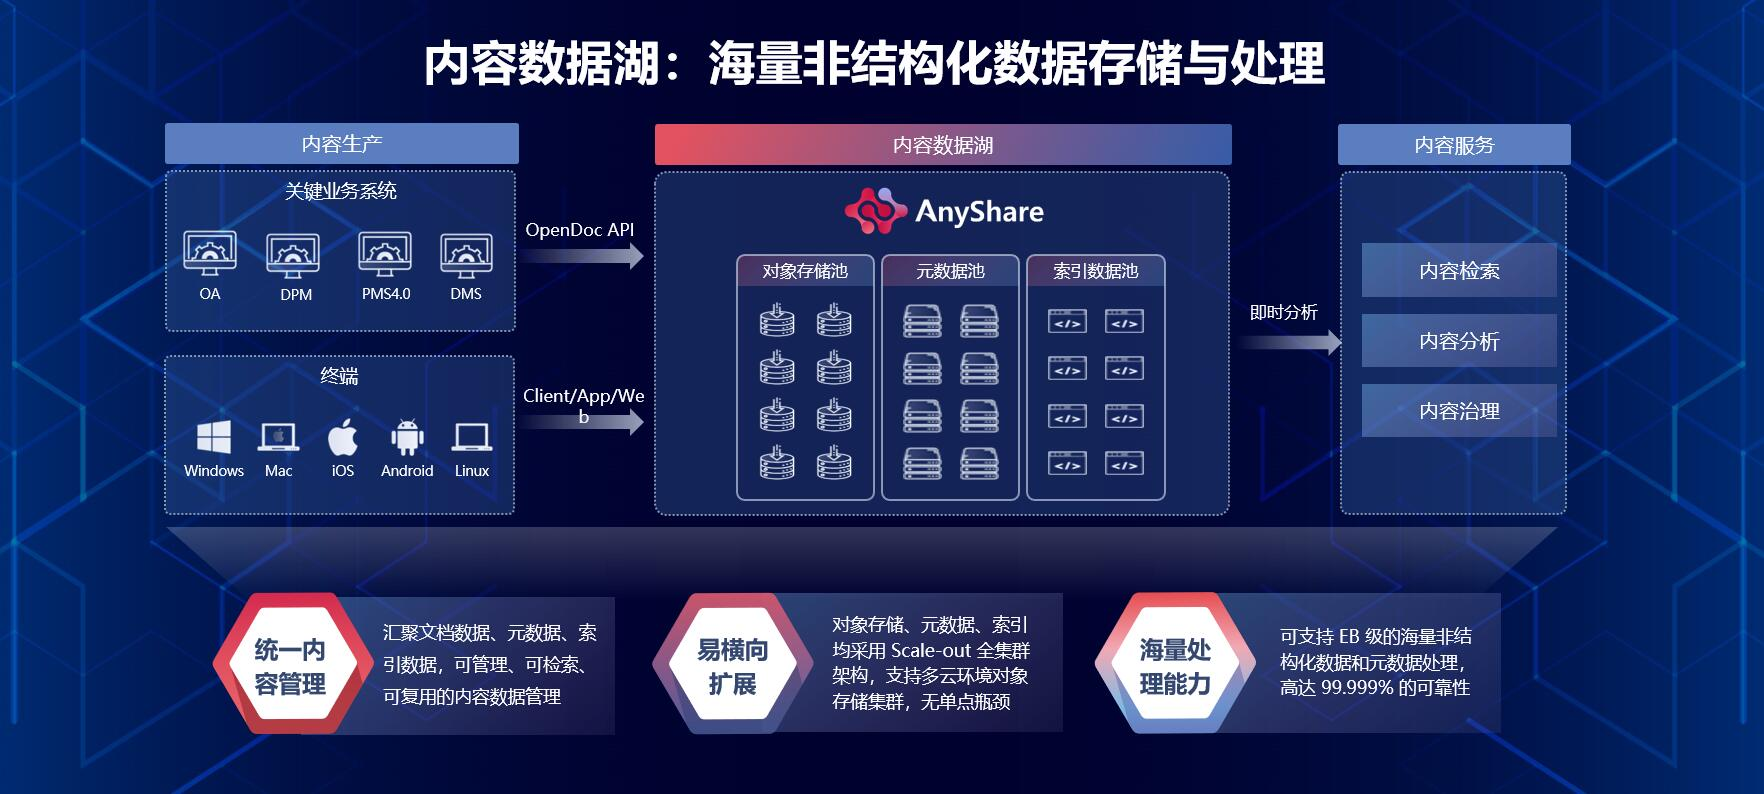 中国天辰携手爱数AnyShare,共同探索非结构化数据治理